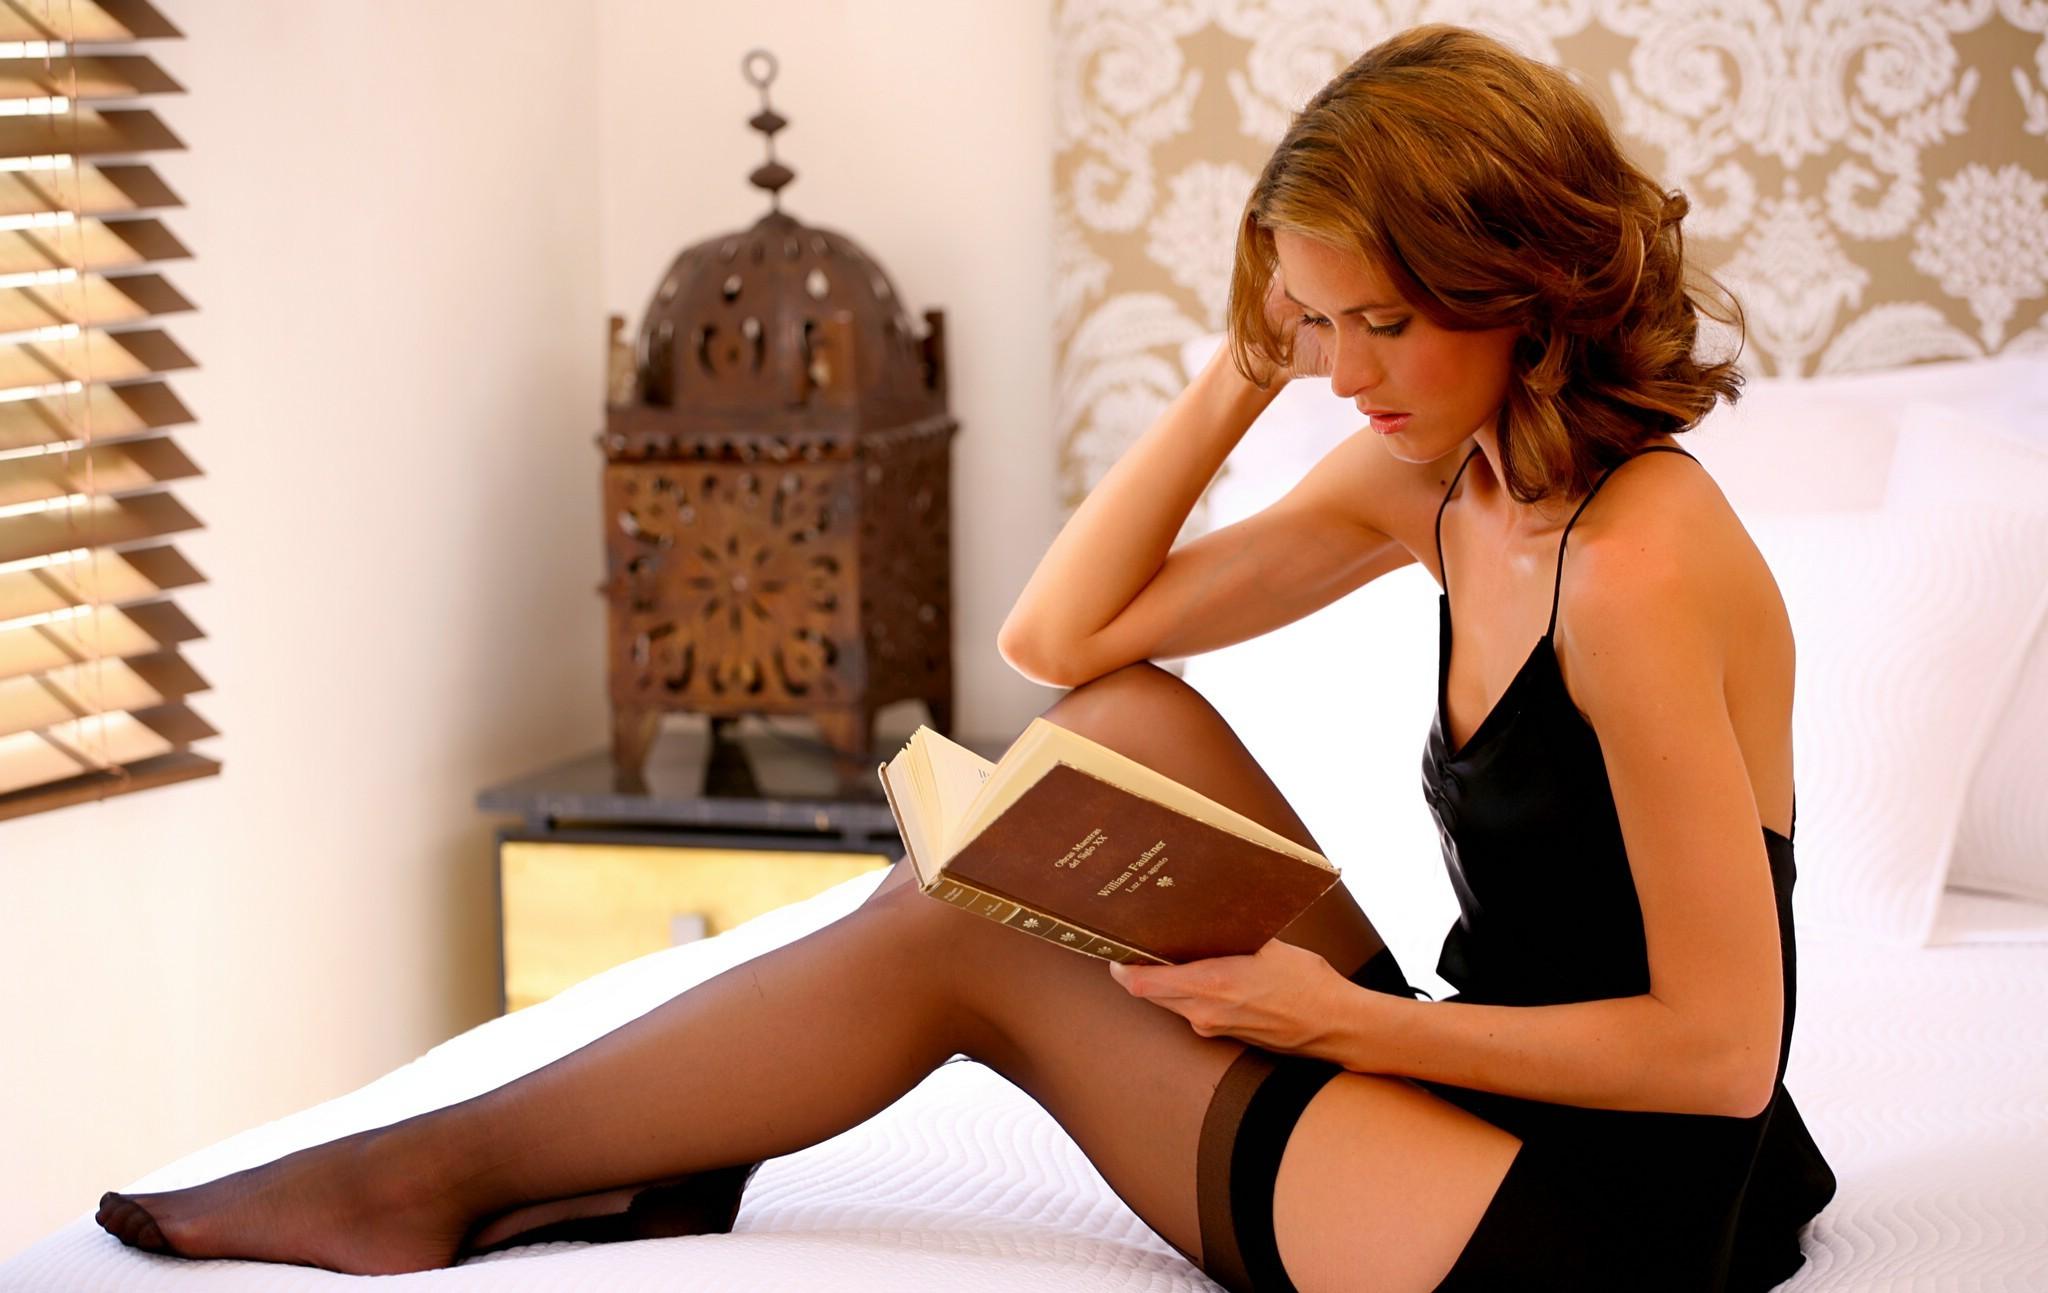 Эротическая библиотека читать онлайн, Эротические истории. Порно рассказы. Откровенные 20 фотография